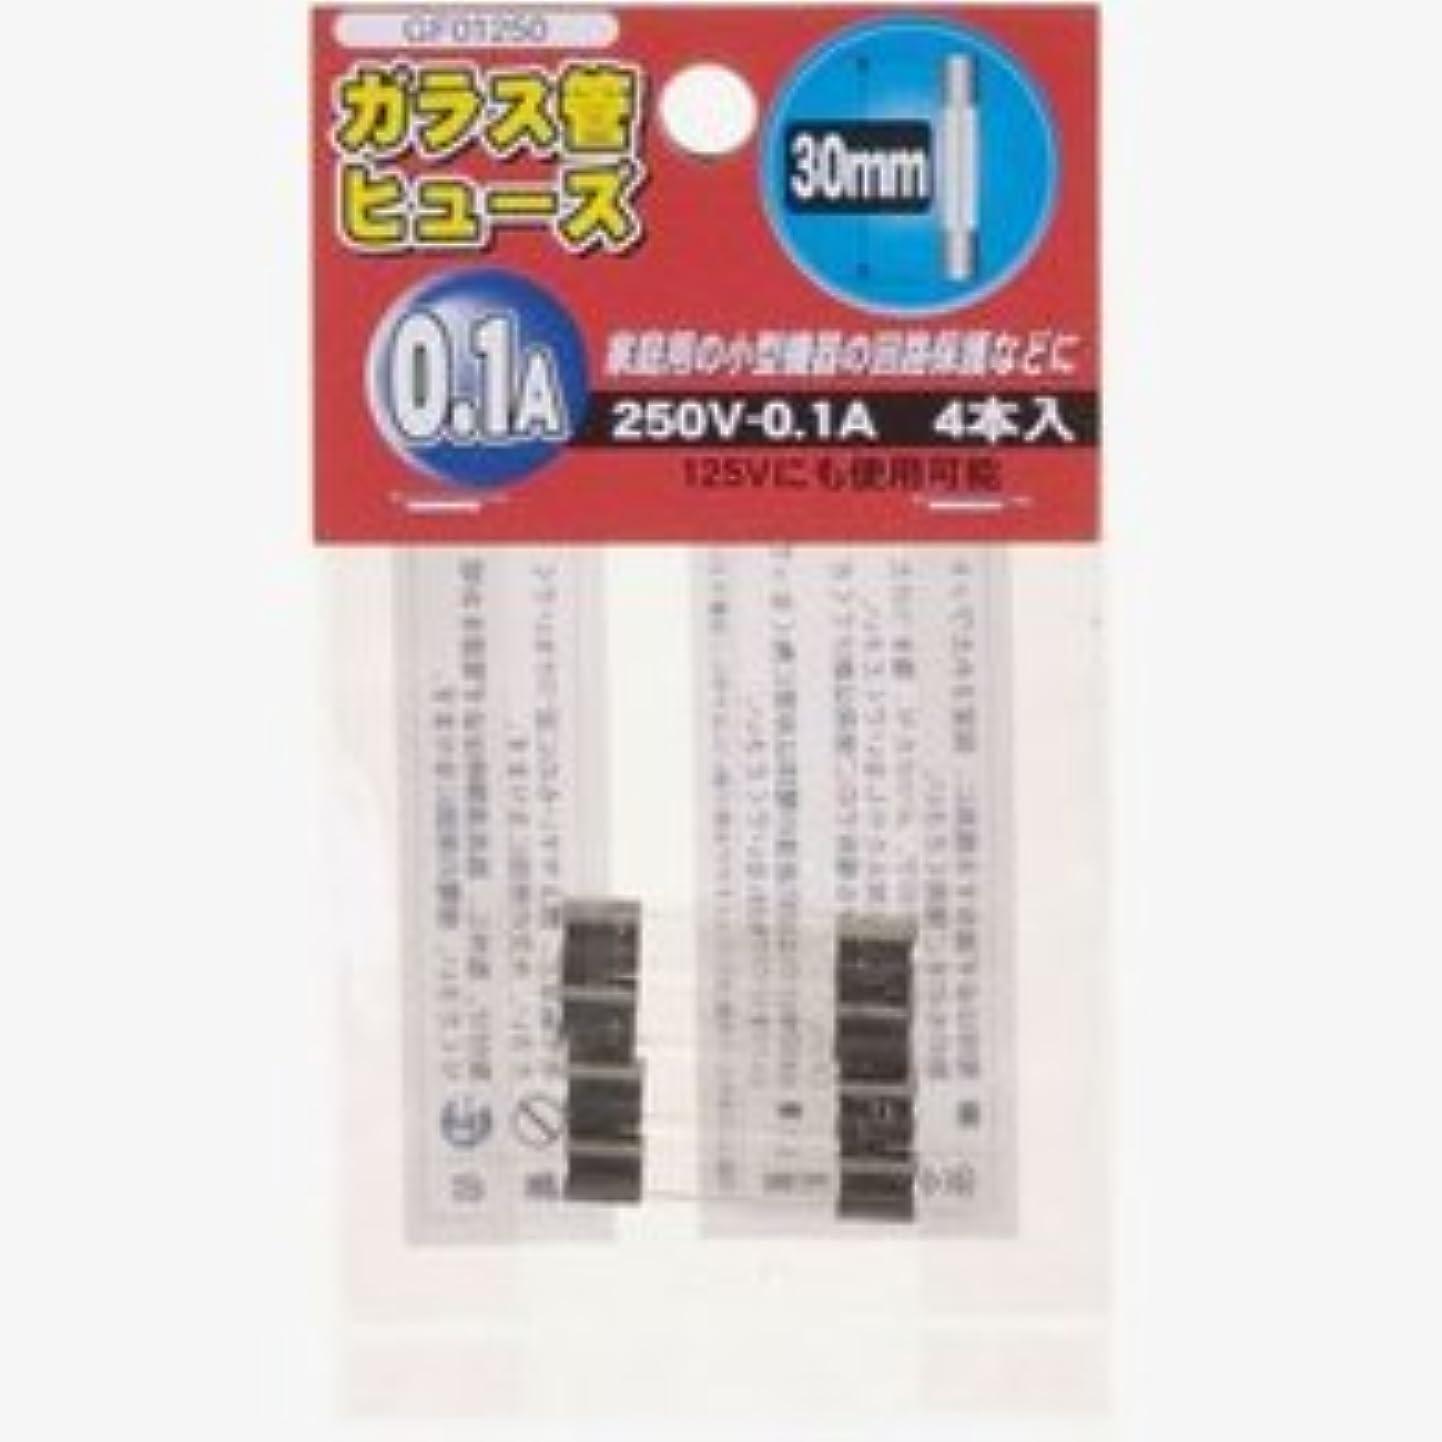 篭コーナーウェブ【まとめ 3セット】 YAZAWA ガラス管ヒュ-ズ30mm 250V GF01250